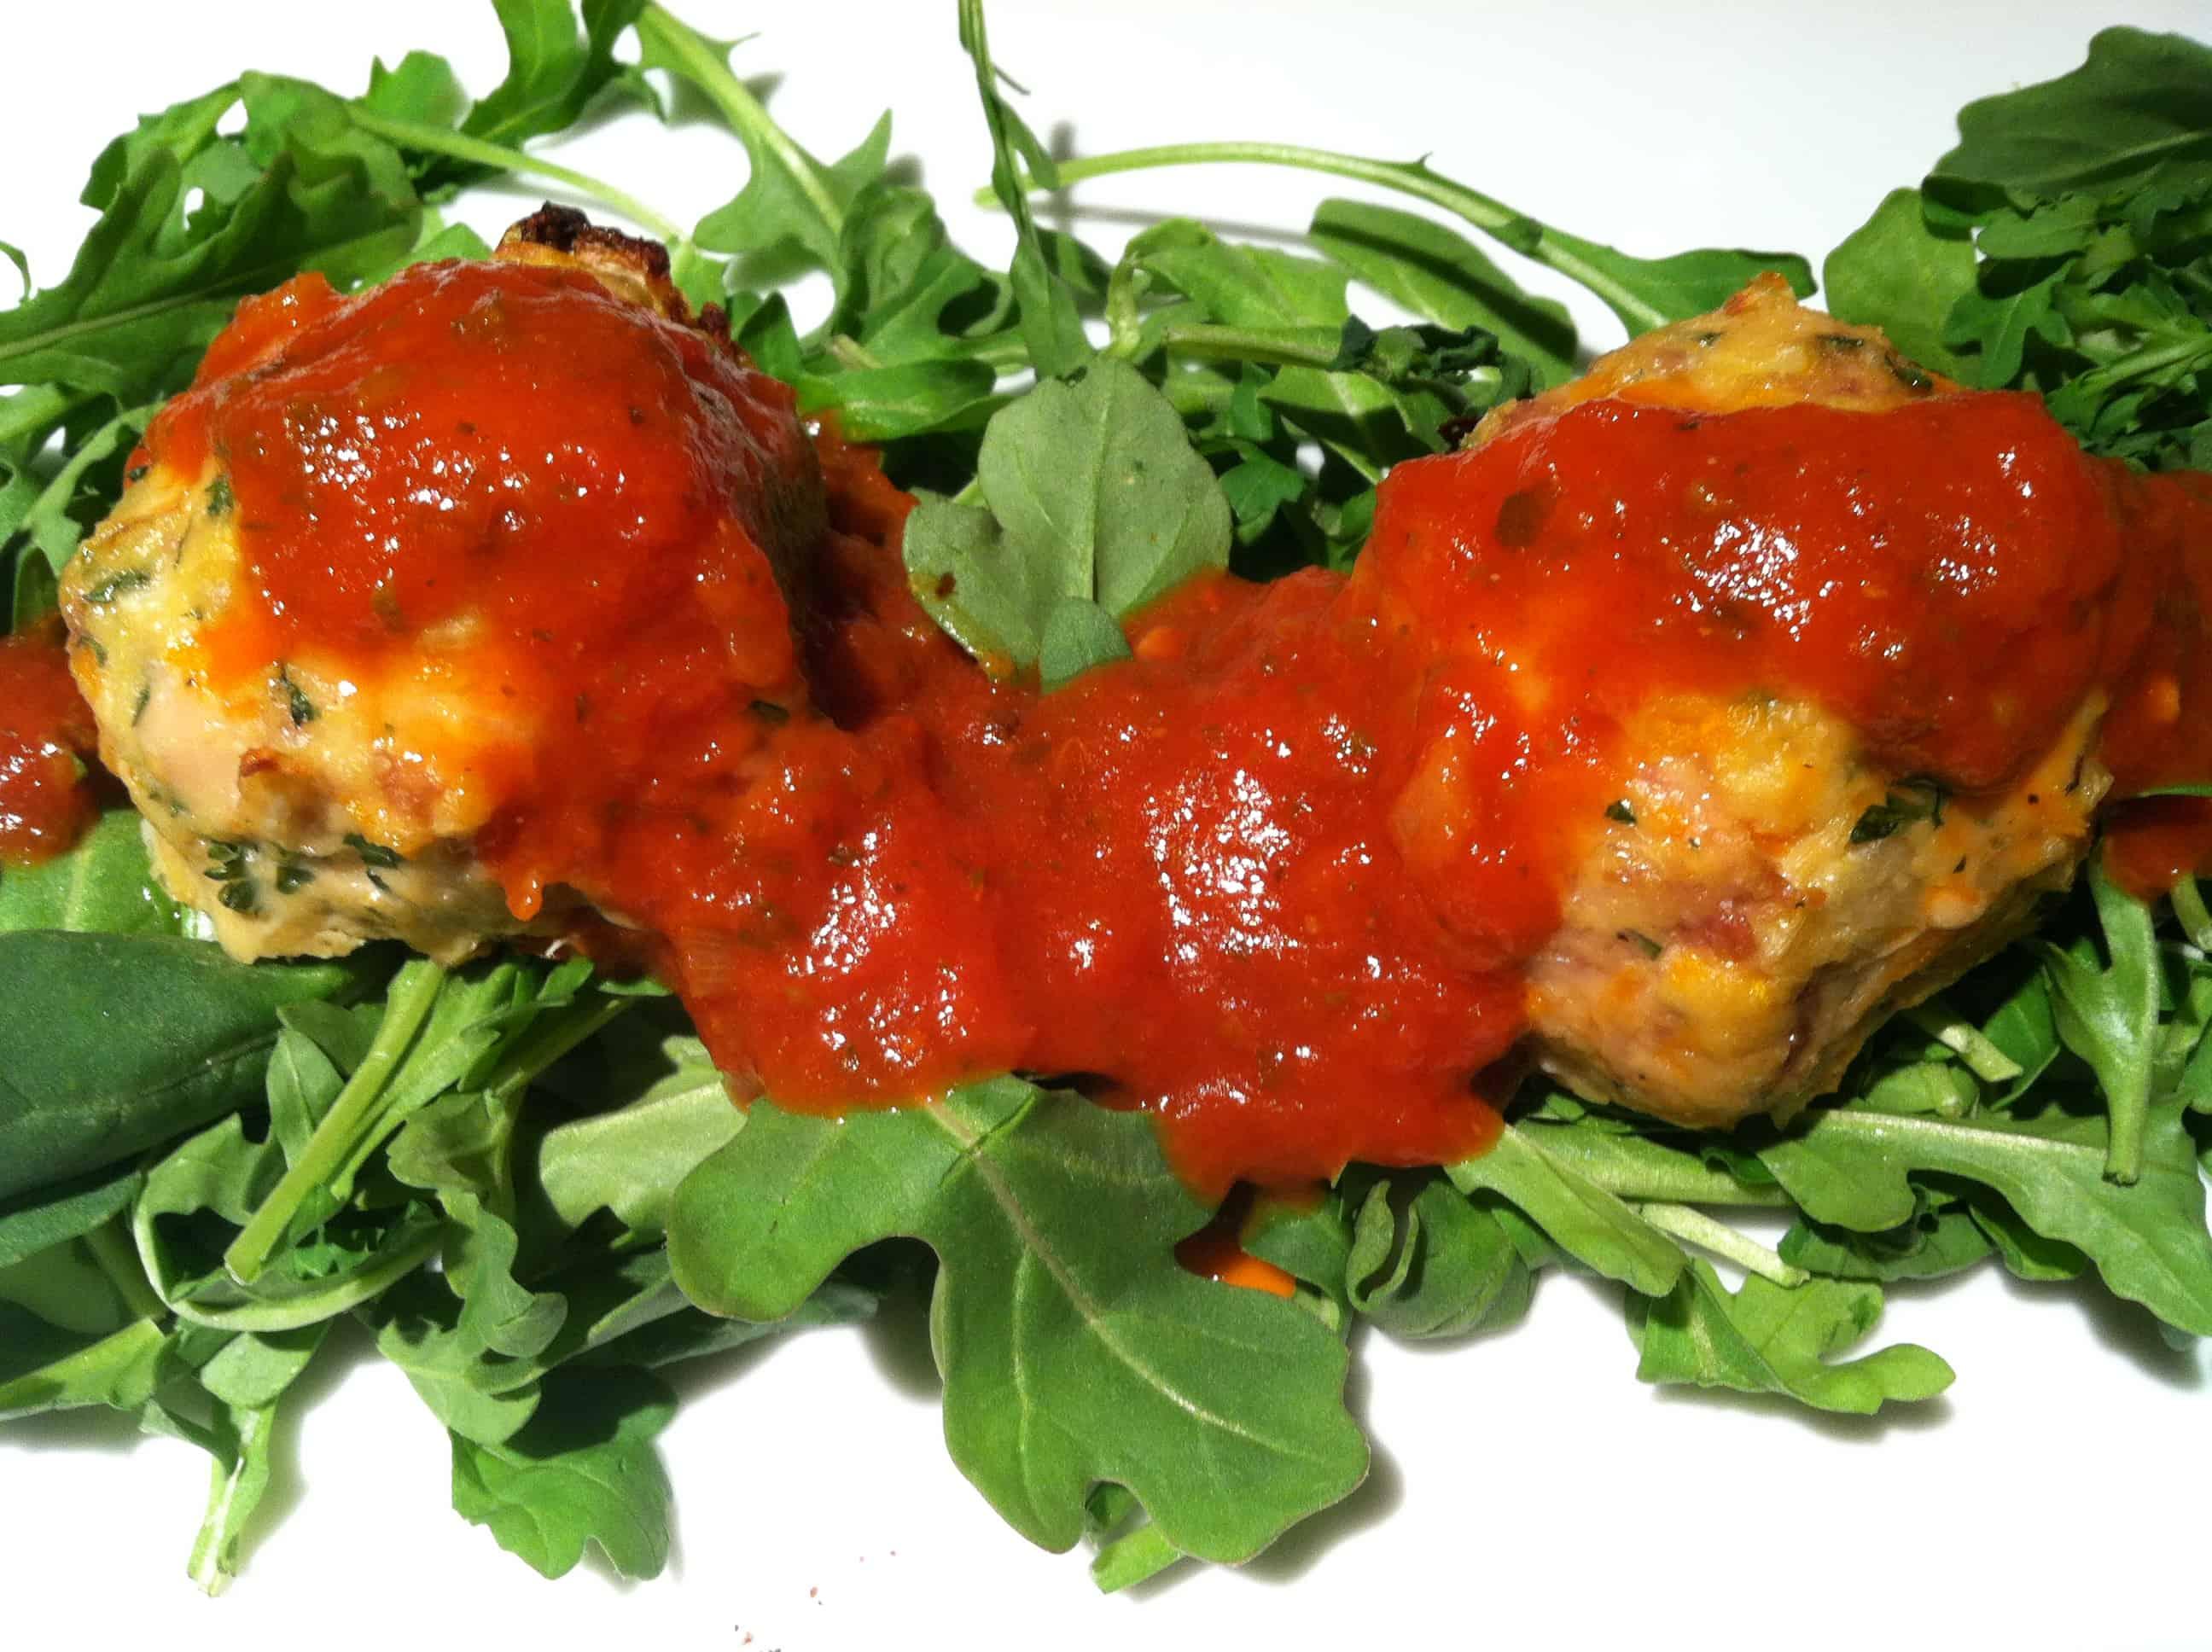 Paleo, Gluten-Free Turkey Meatballs